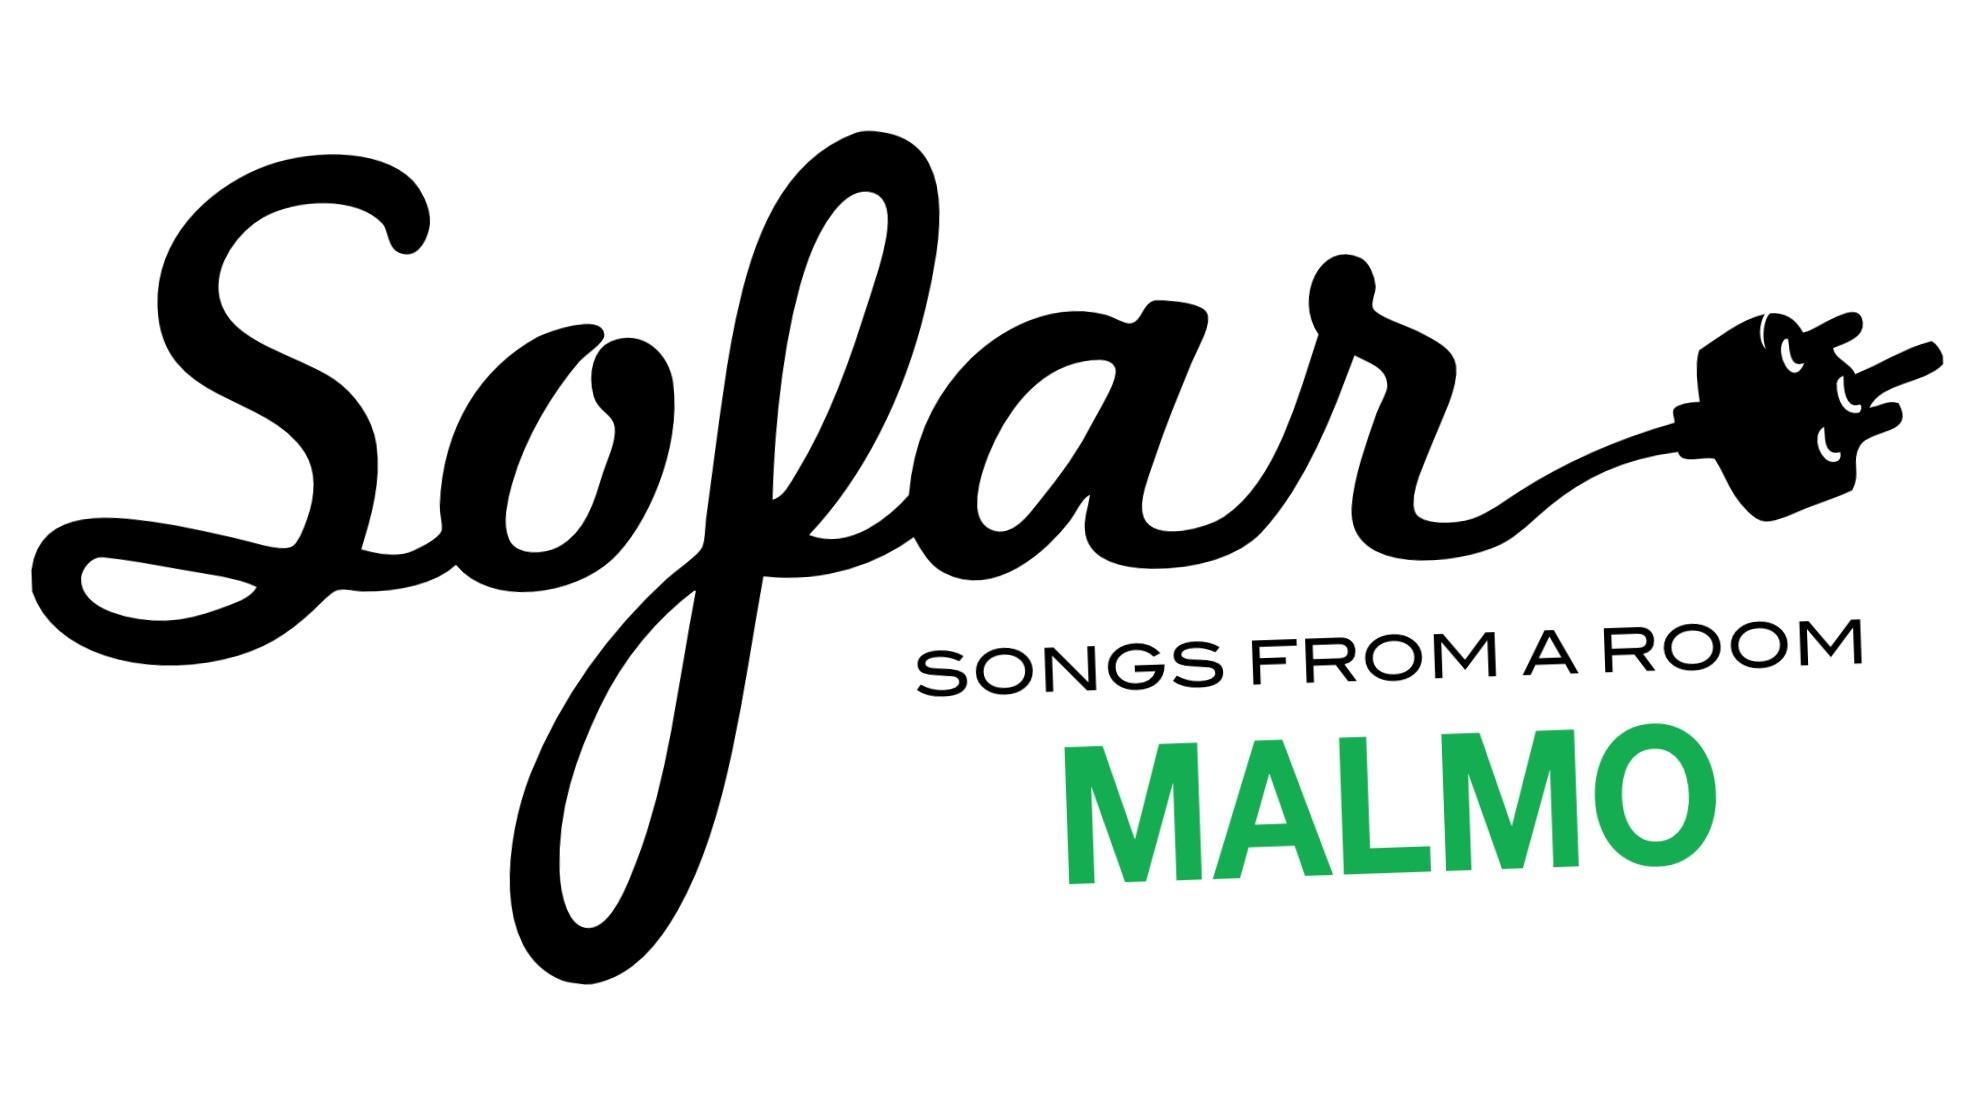 Sofar+Malmo.jpg